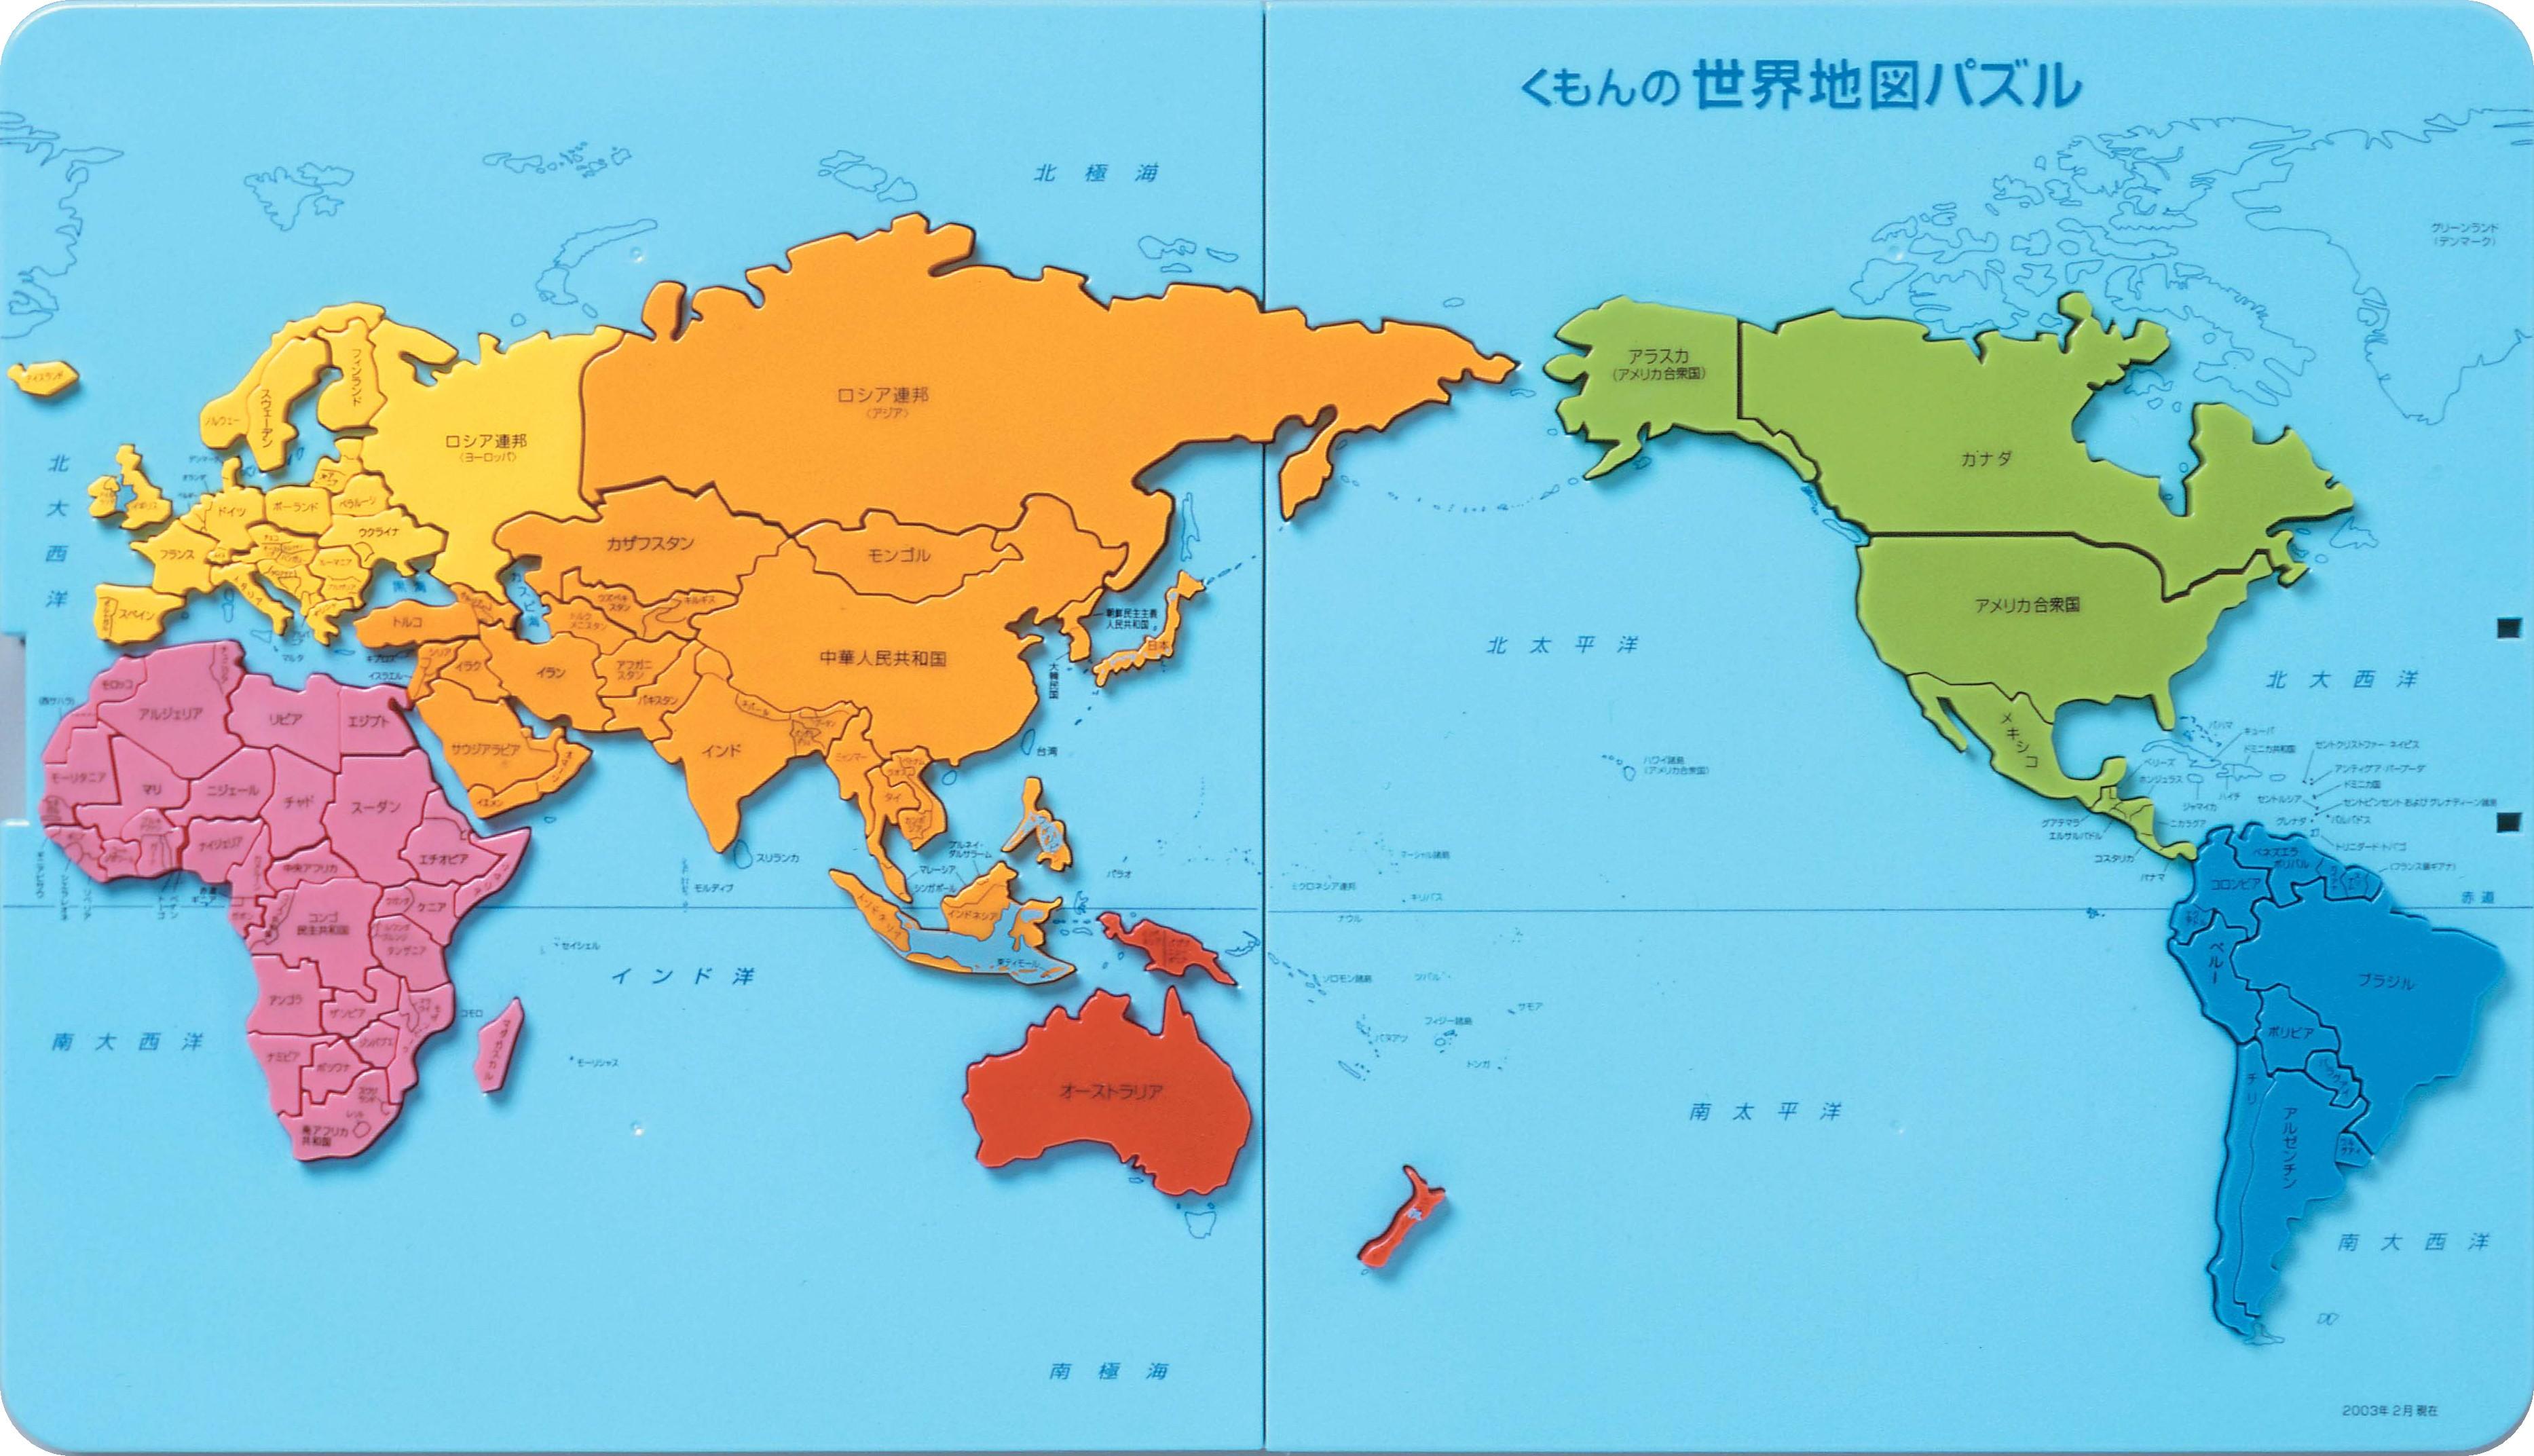 子供向け国名地図